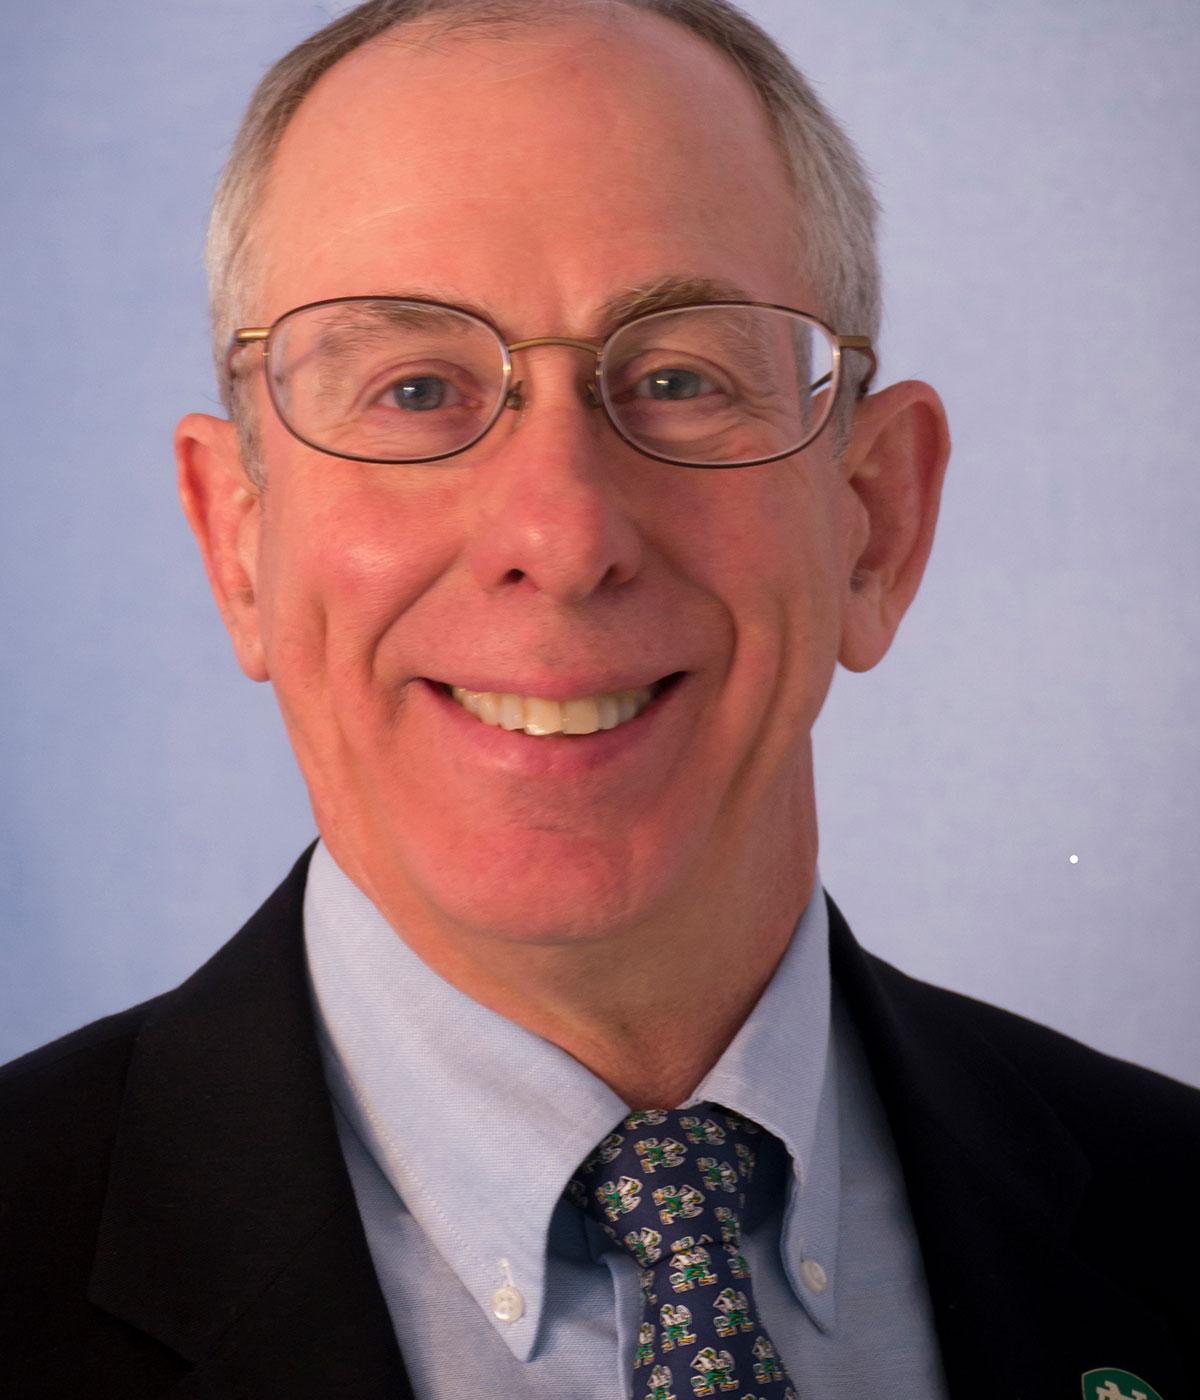 Joe Lipka